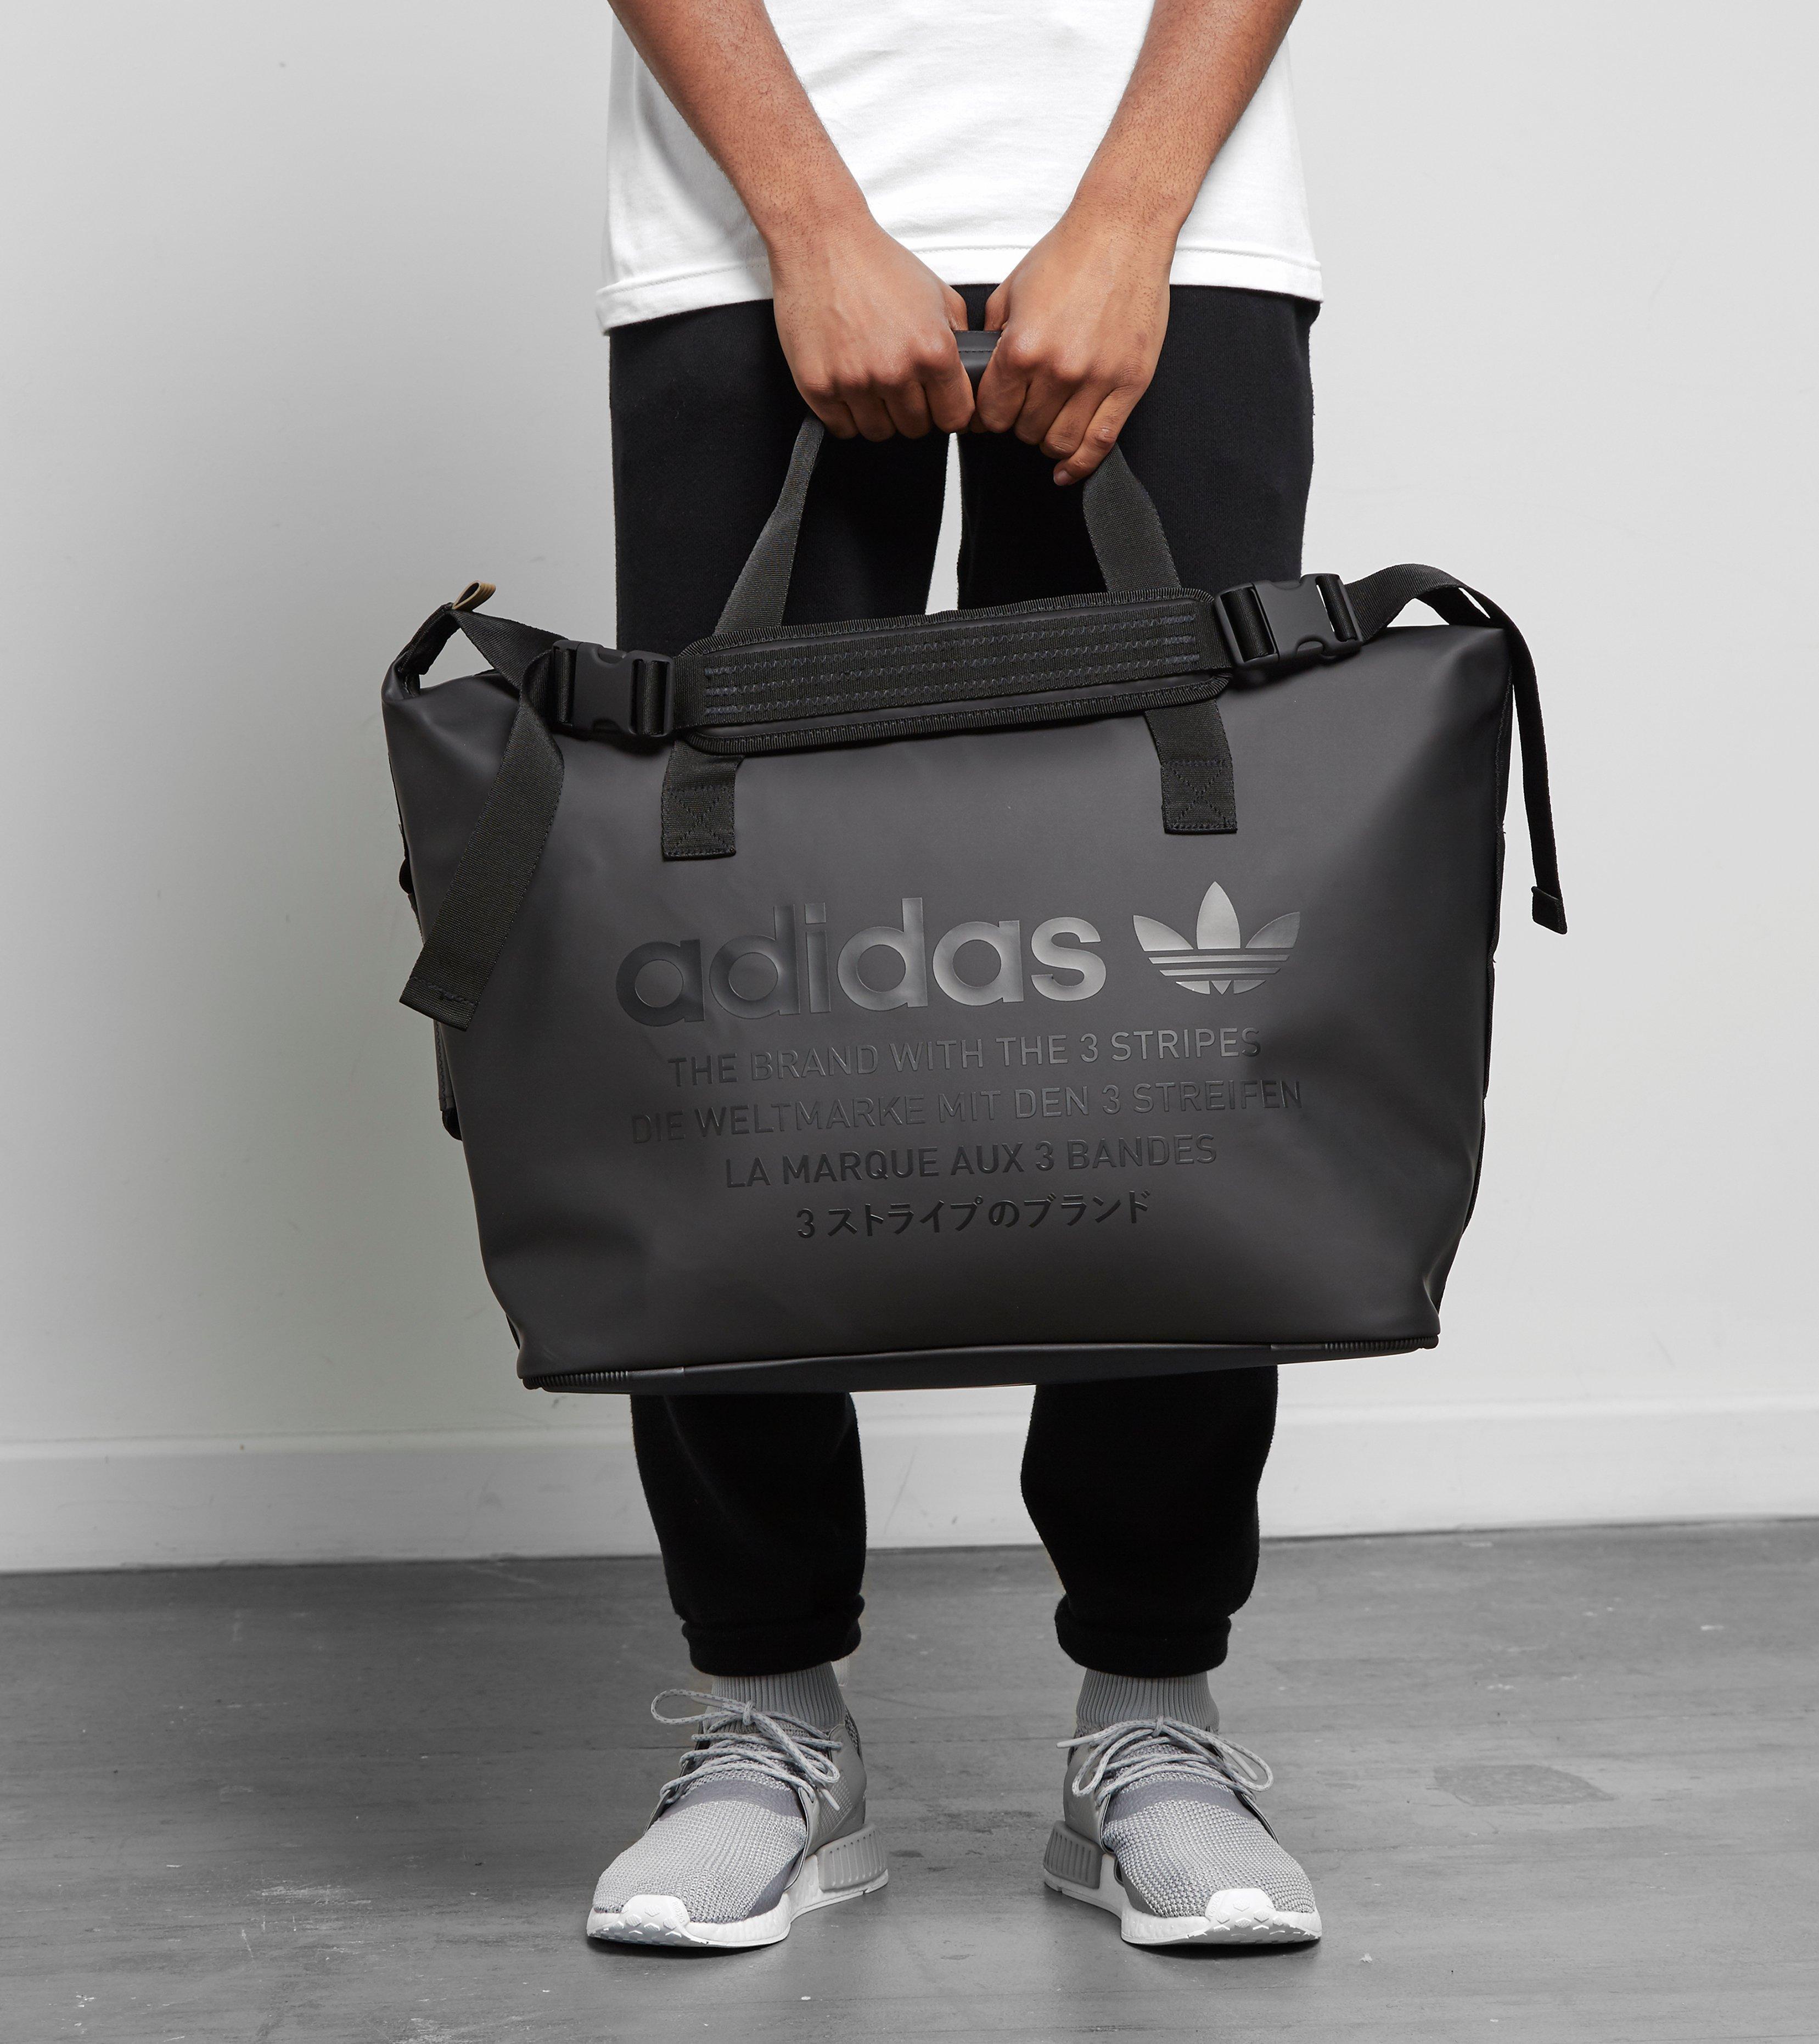 6b7e197bc95f Adidas Small Duffel Gym Bag